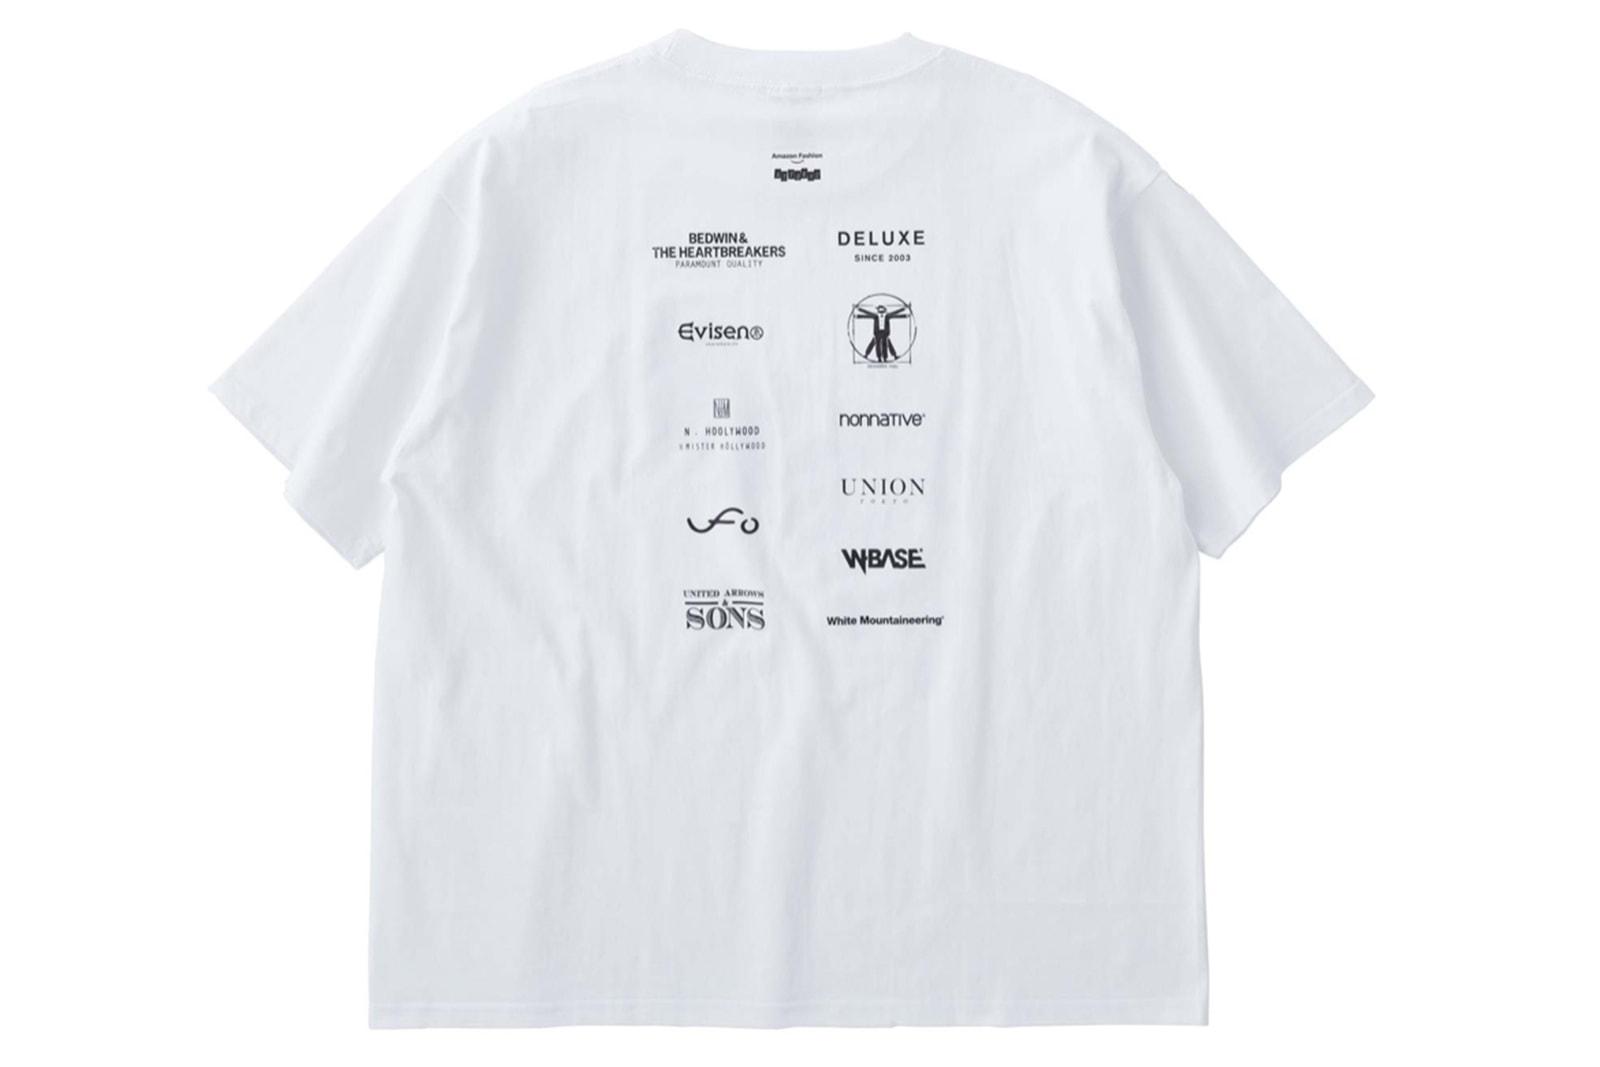 MIXNUTS 2 ミックスナッツ Tシャツ ベドウィン デラックス  BEDWIN & THE HEARTBREAKERS ベドウィン & ザ ハートブレイカーズ DELUXE